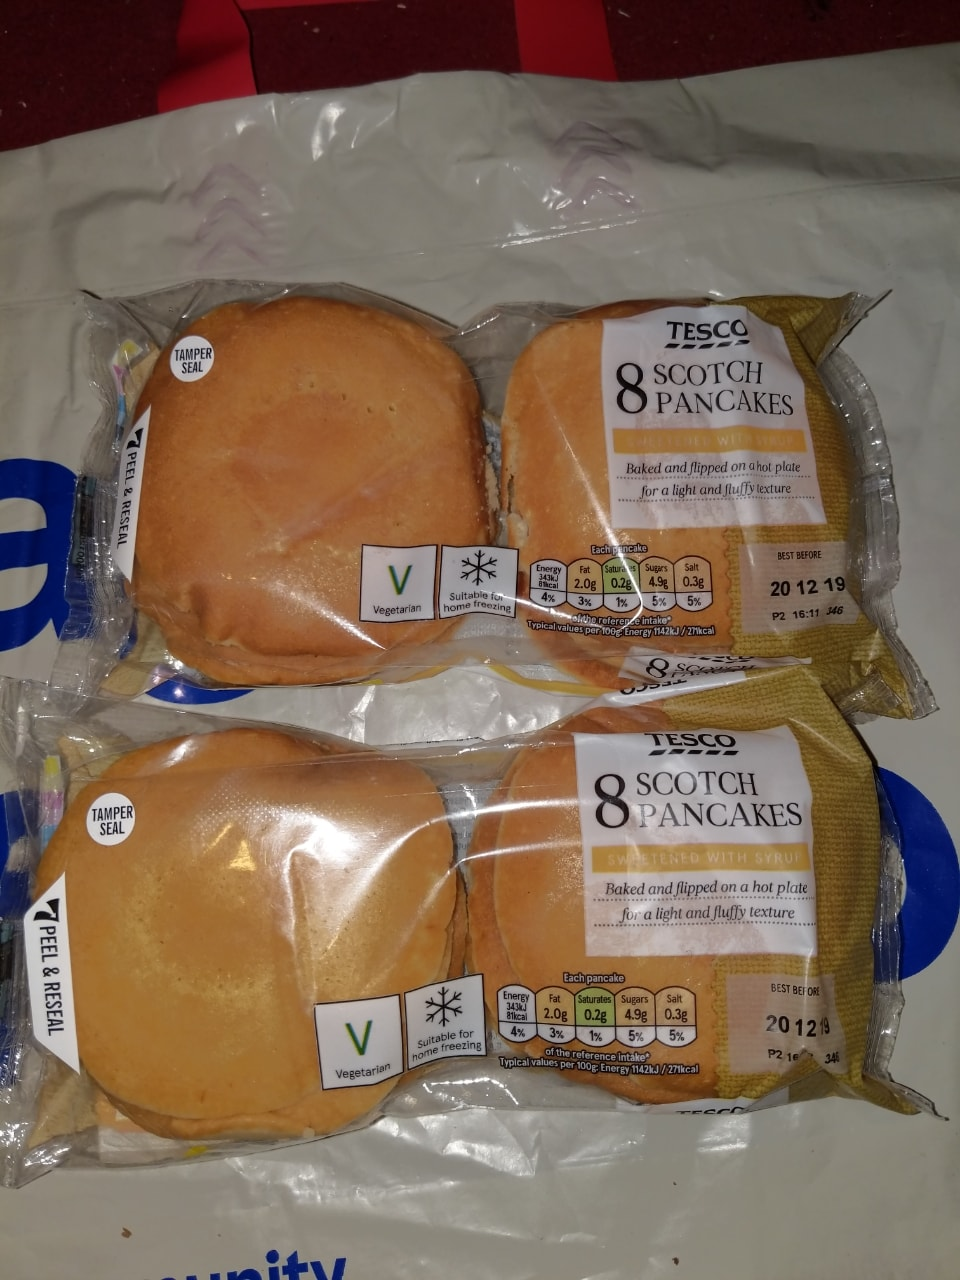 8 scotch pancakes x2